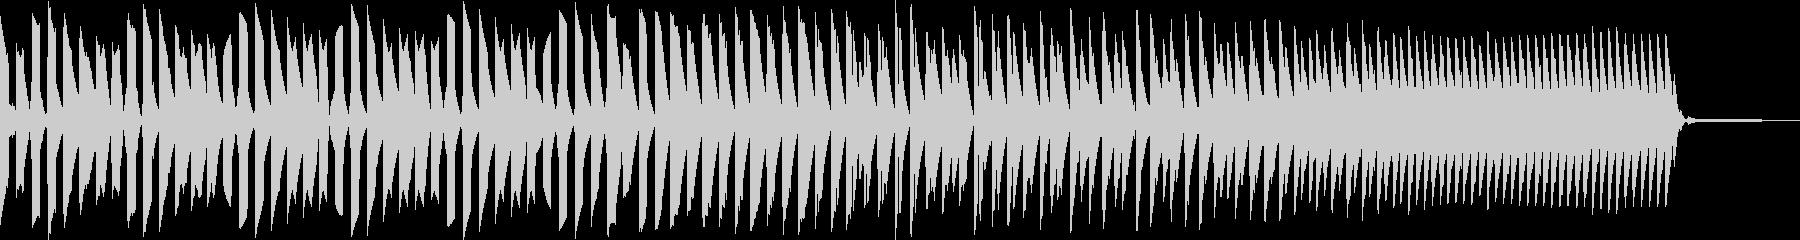 AMGアナログFX 4の未再生の波形